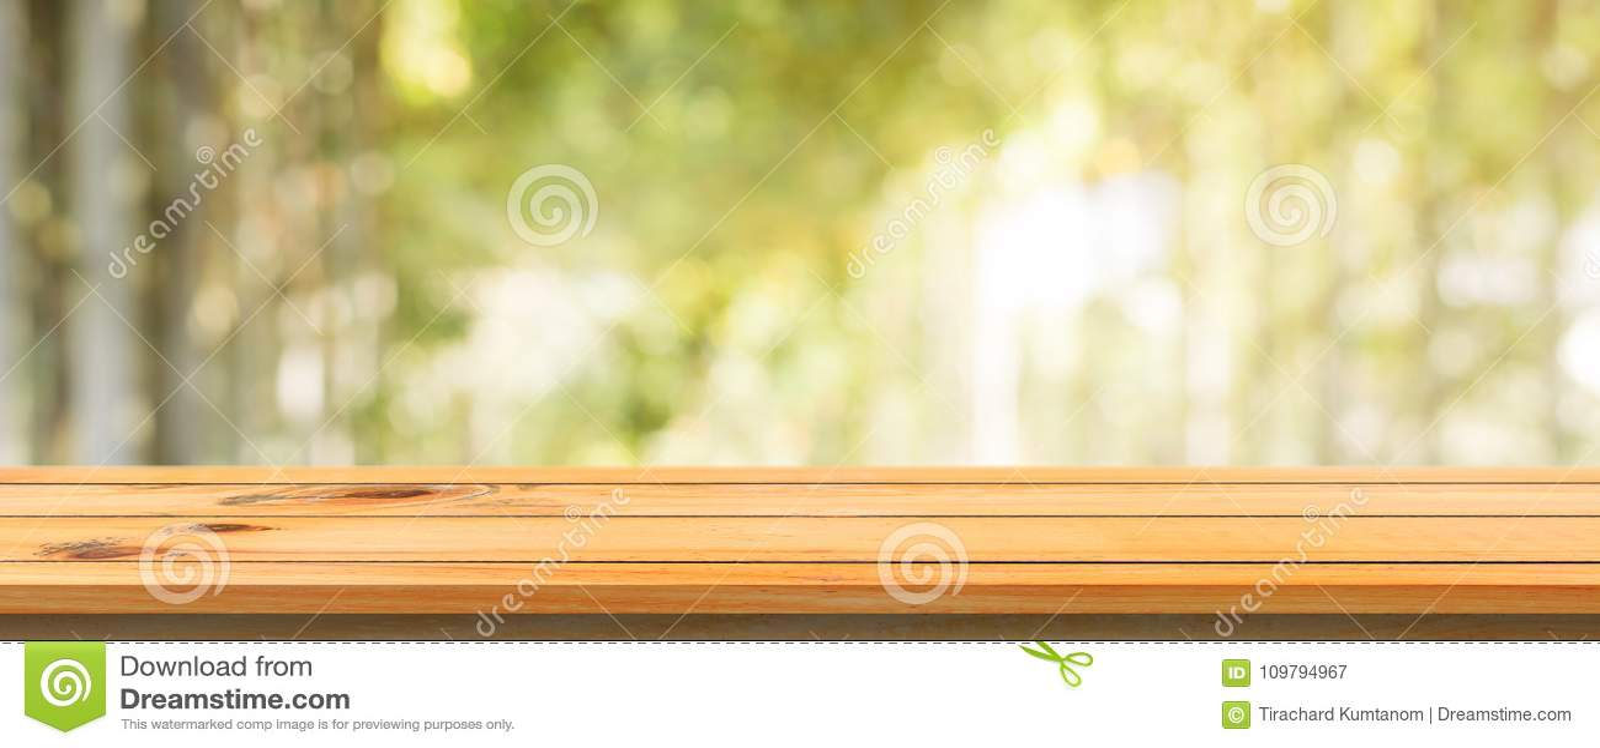 Unscharfer Hintergrund Des Hölzernen Brettes Leere Tabelle Braune ...